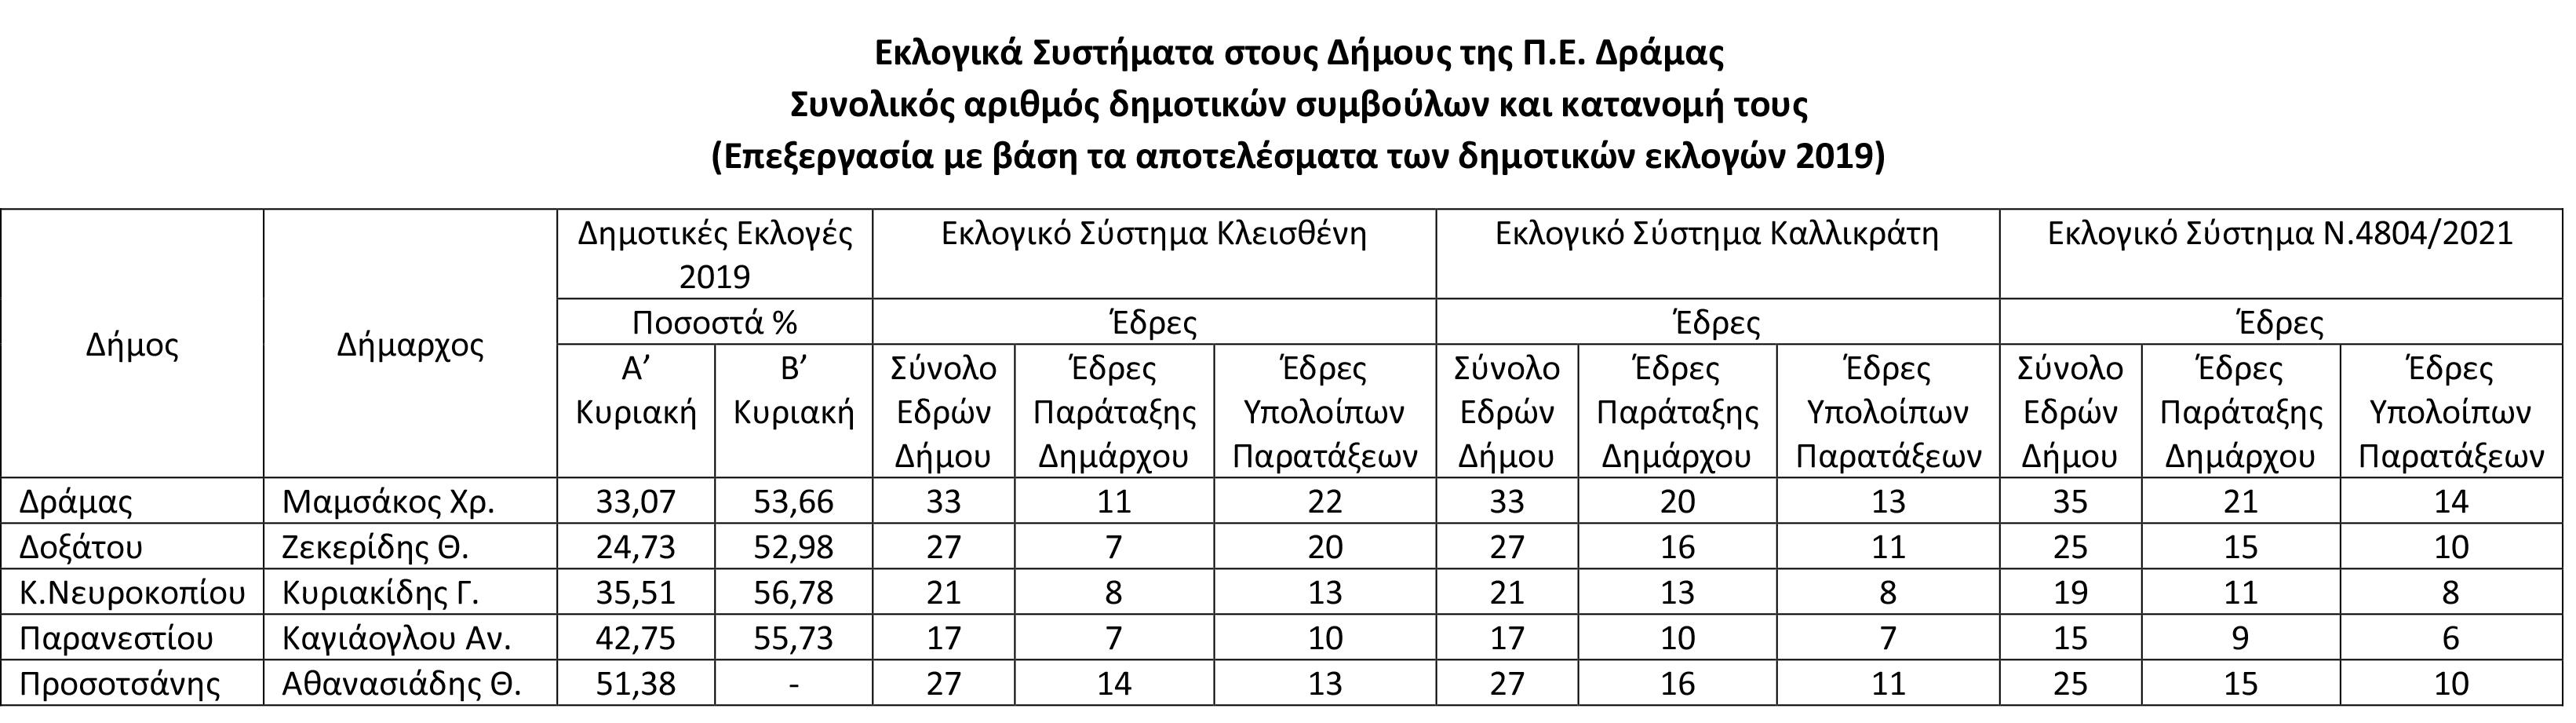 Πίνακας εκλογικών συστημάτων